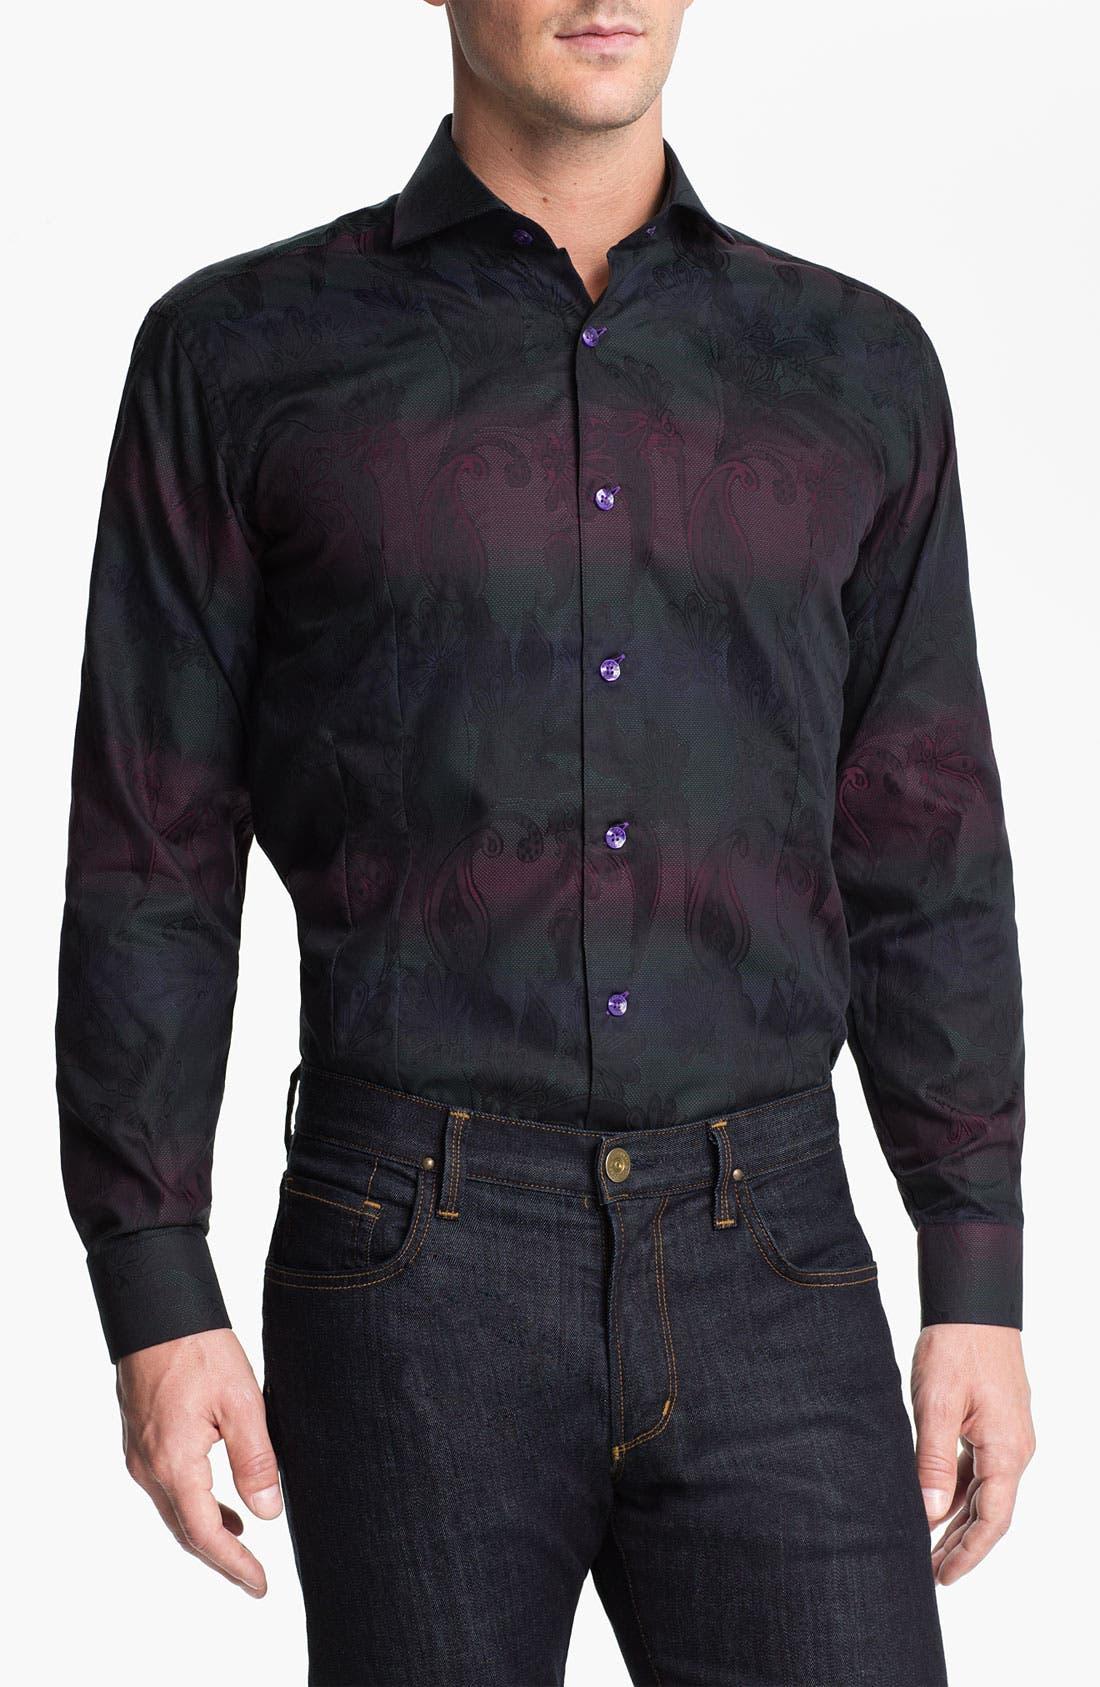 Alternate Image 1 Selected - Bogosse 'Kaz 89' Trim Fit Sport Shirt